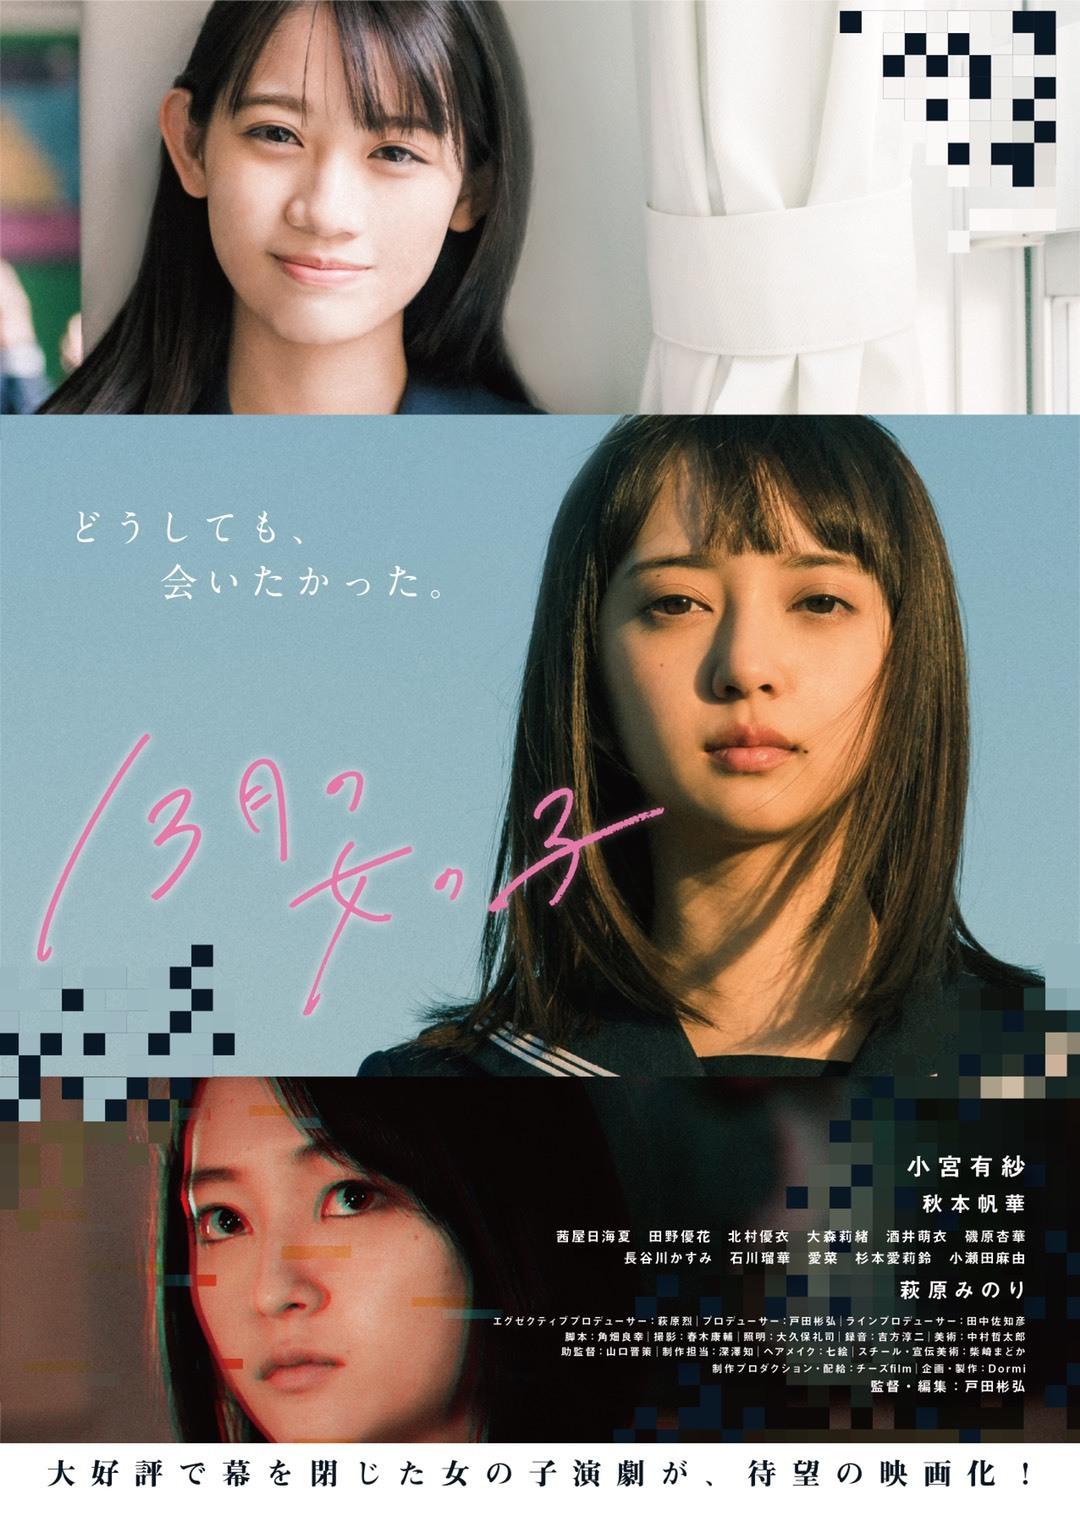 映画「13月の女の子」デジタルフライヤー